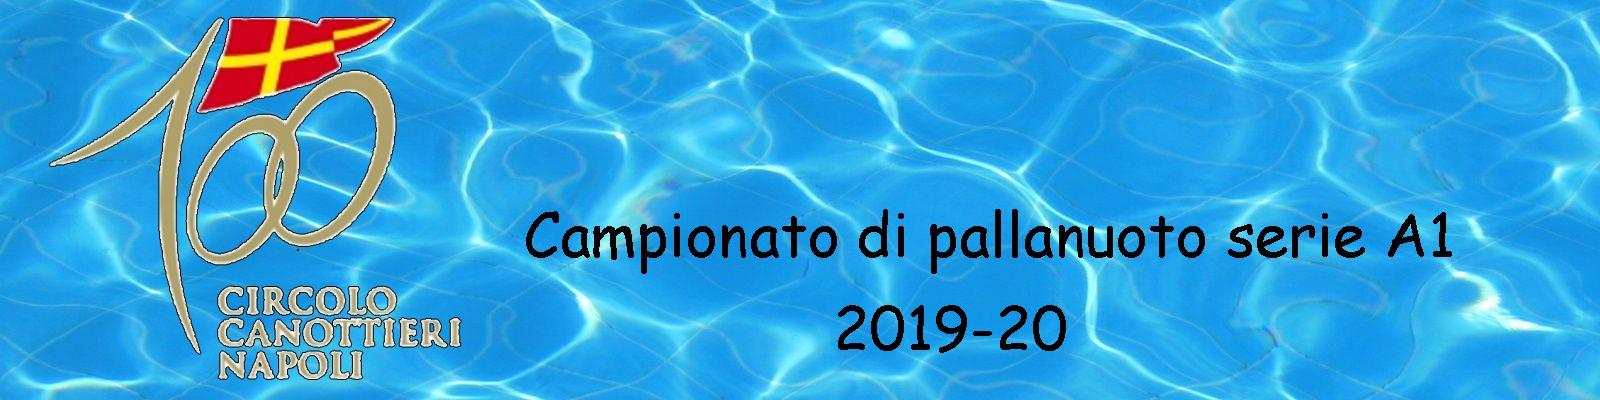 Canottieri anno 2019-20